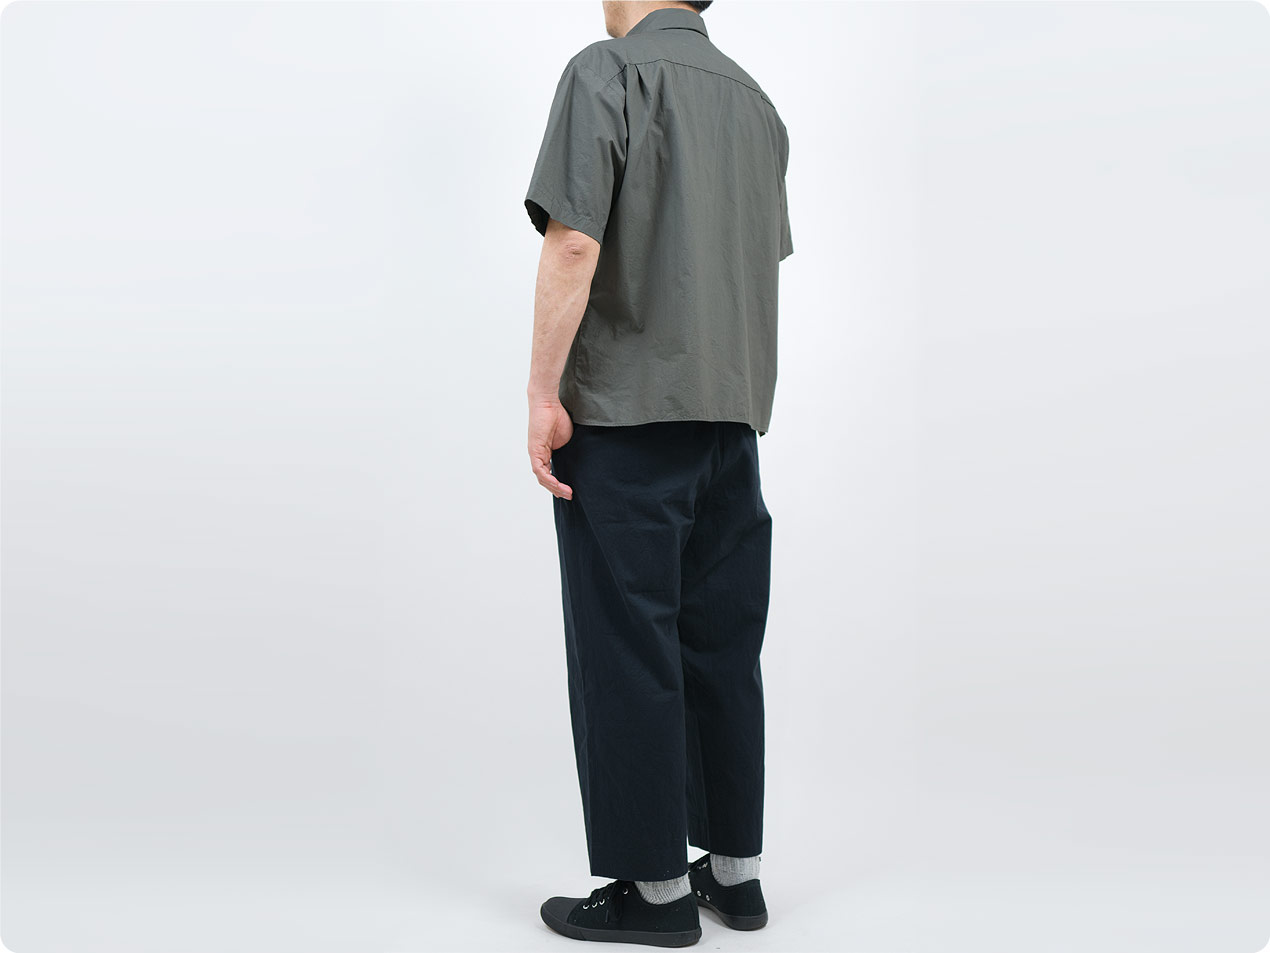 LOLO ステッチなし半袖シャツ